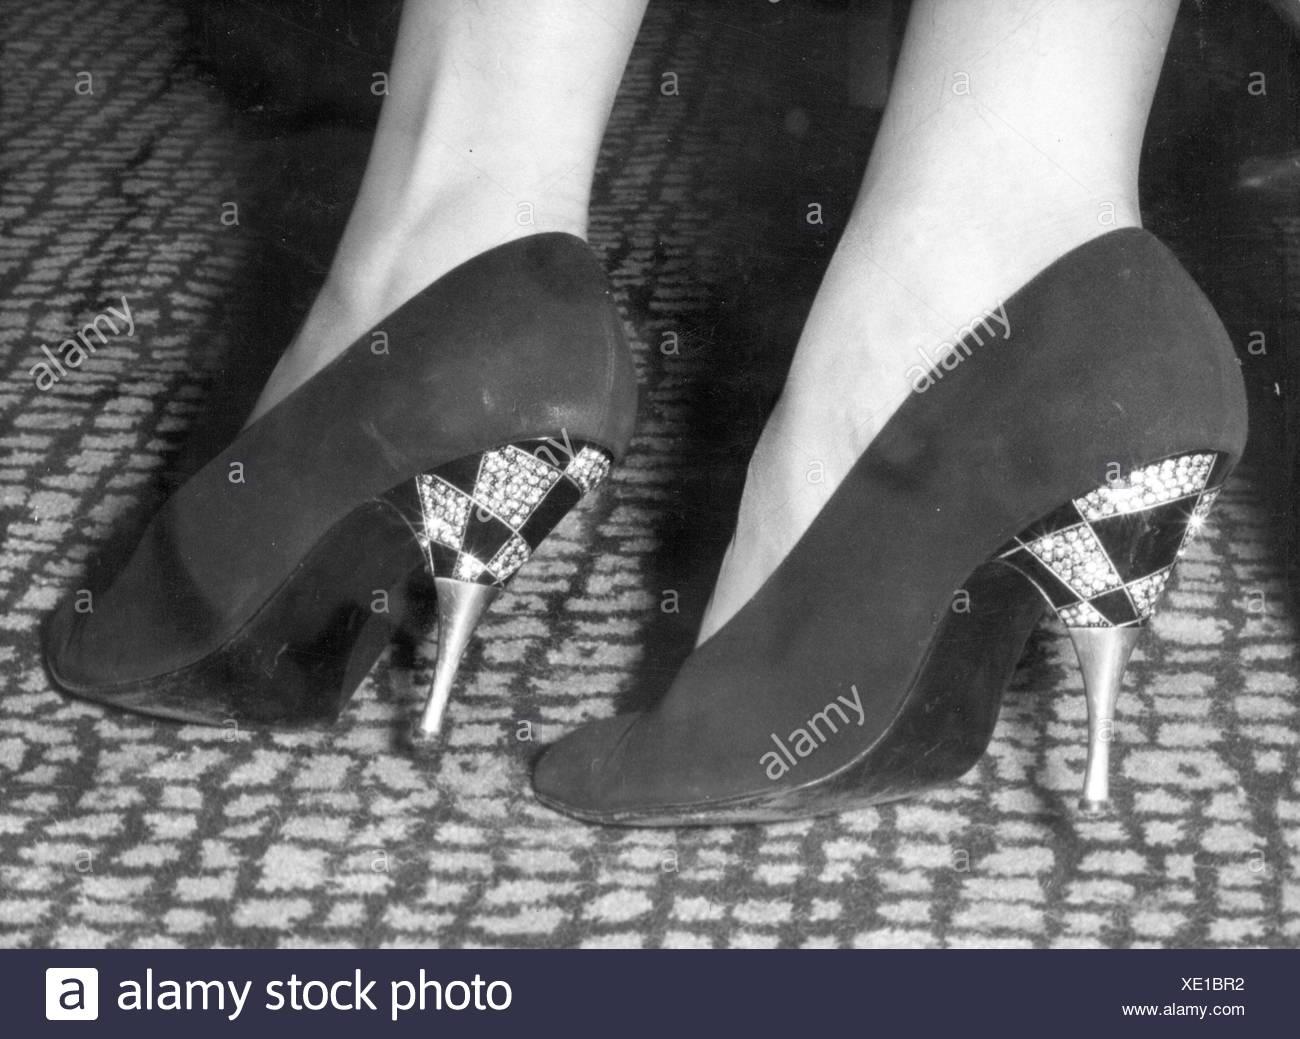 La moda degli anni cinquanta, scarpe con i tacchi alti calzatura adornata con brillanti e strass, indossato da attrice Eva Bartok, Londra, 10.9.1959, Additional-Rights-Clearences-NA Immagini Stock